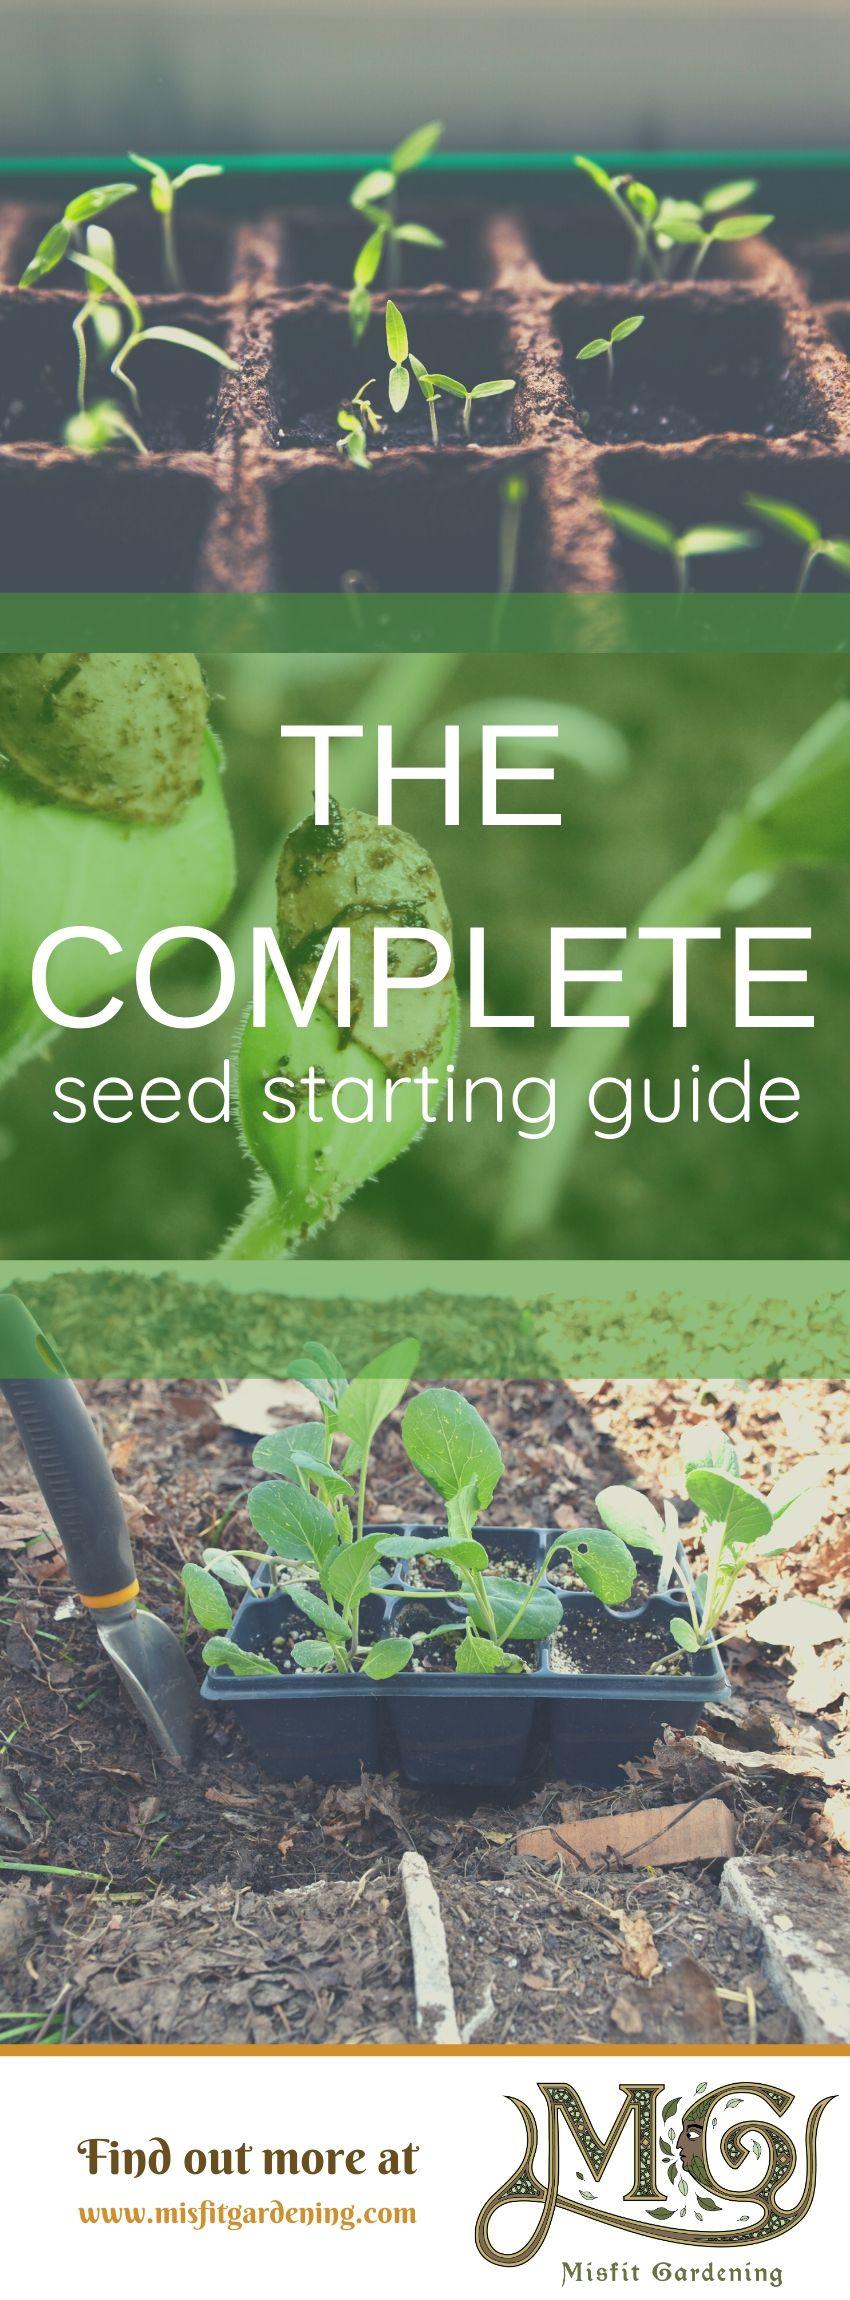 In der vollständigen Anleitung zum Starten von Samen erfahren Sie, wie Sie Ihren Garten aus Samen züchten können. Klicken Sie hier, um mehr über das Starten von Samen zu erfahren, oder stecken Sie sie fest und speichern Sie sie für später. #Garten #Nongmo #Haus